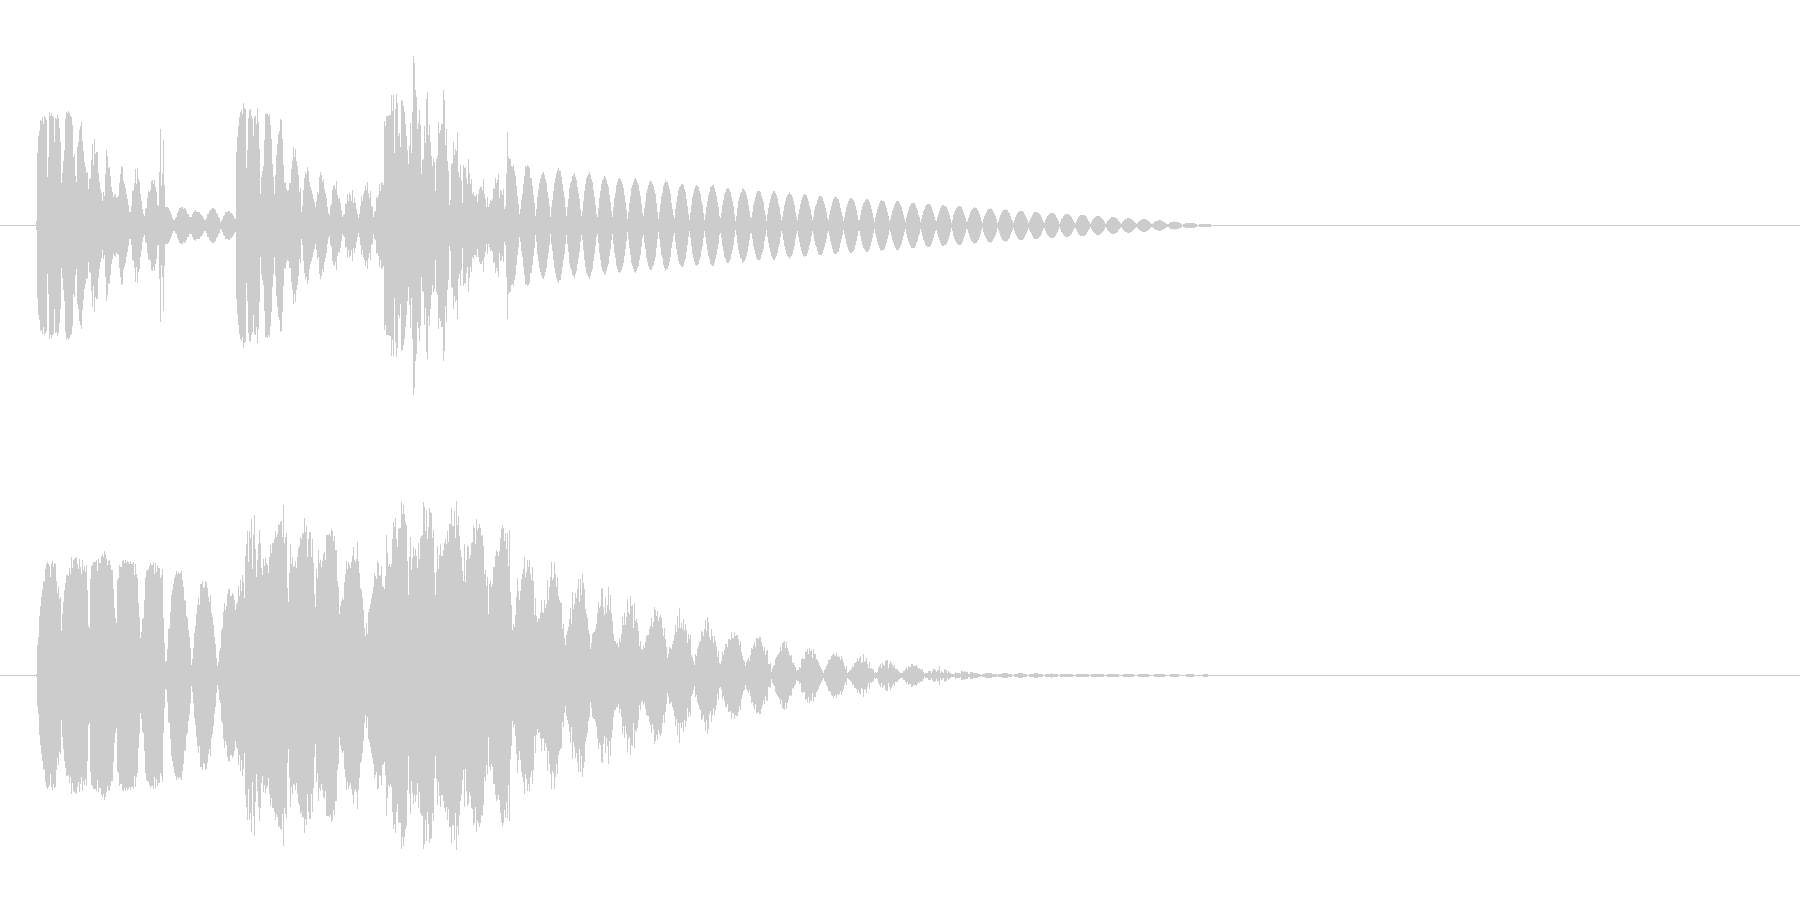 ビュビュビュン 射撃音2 ゲームなどの未再生の波形